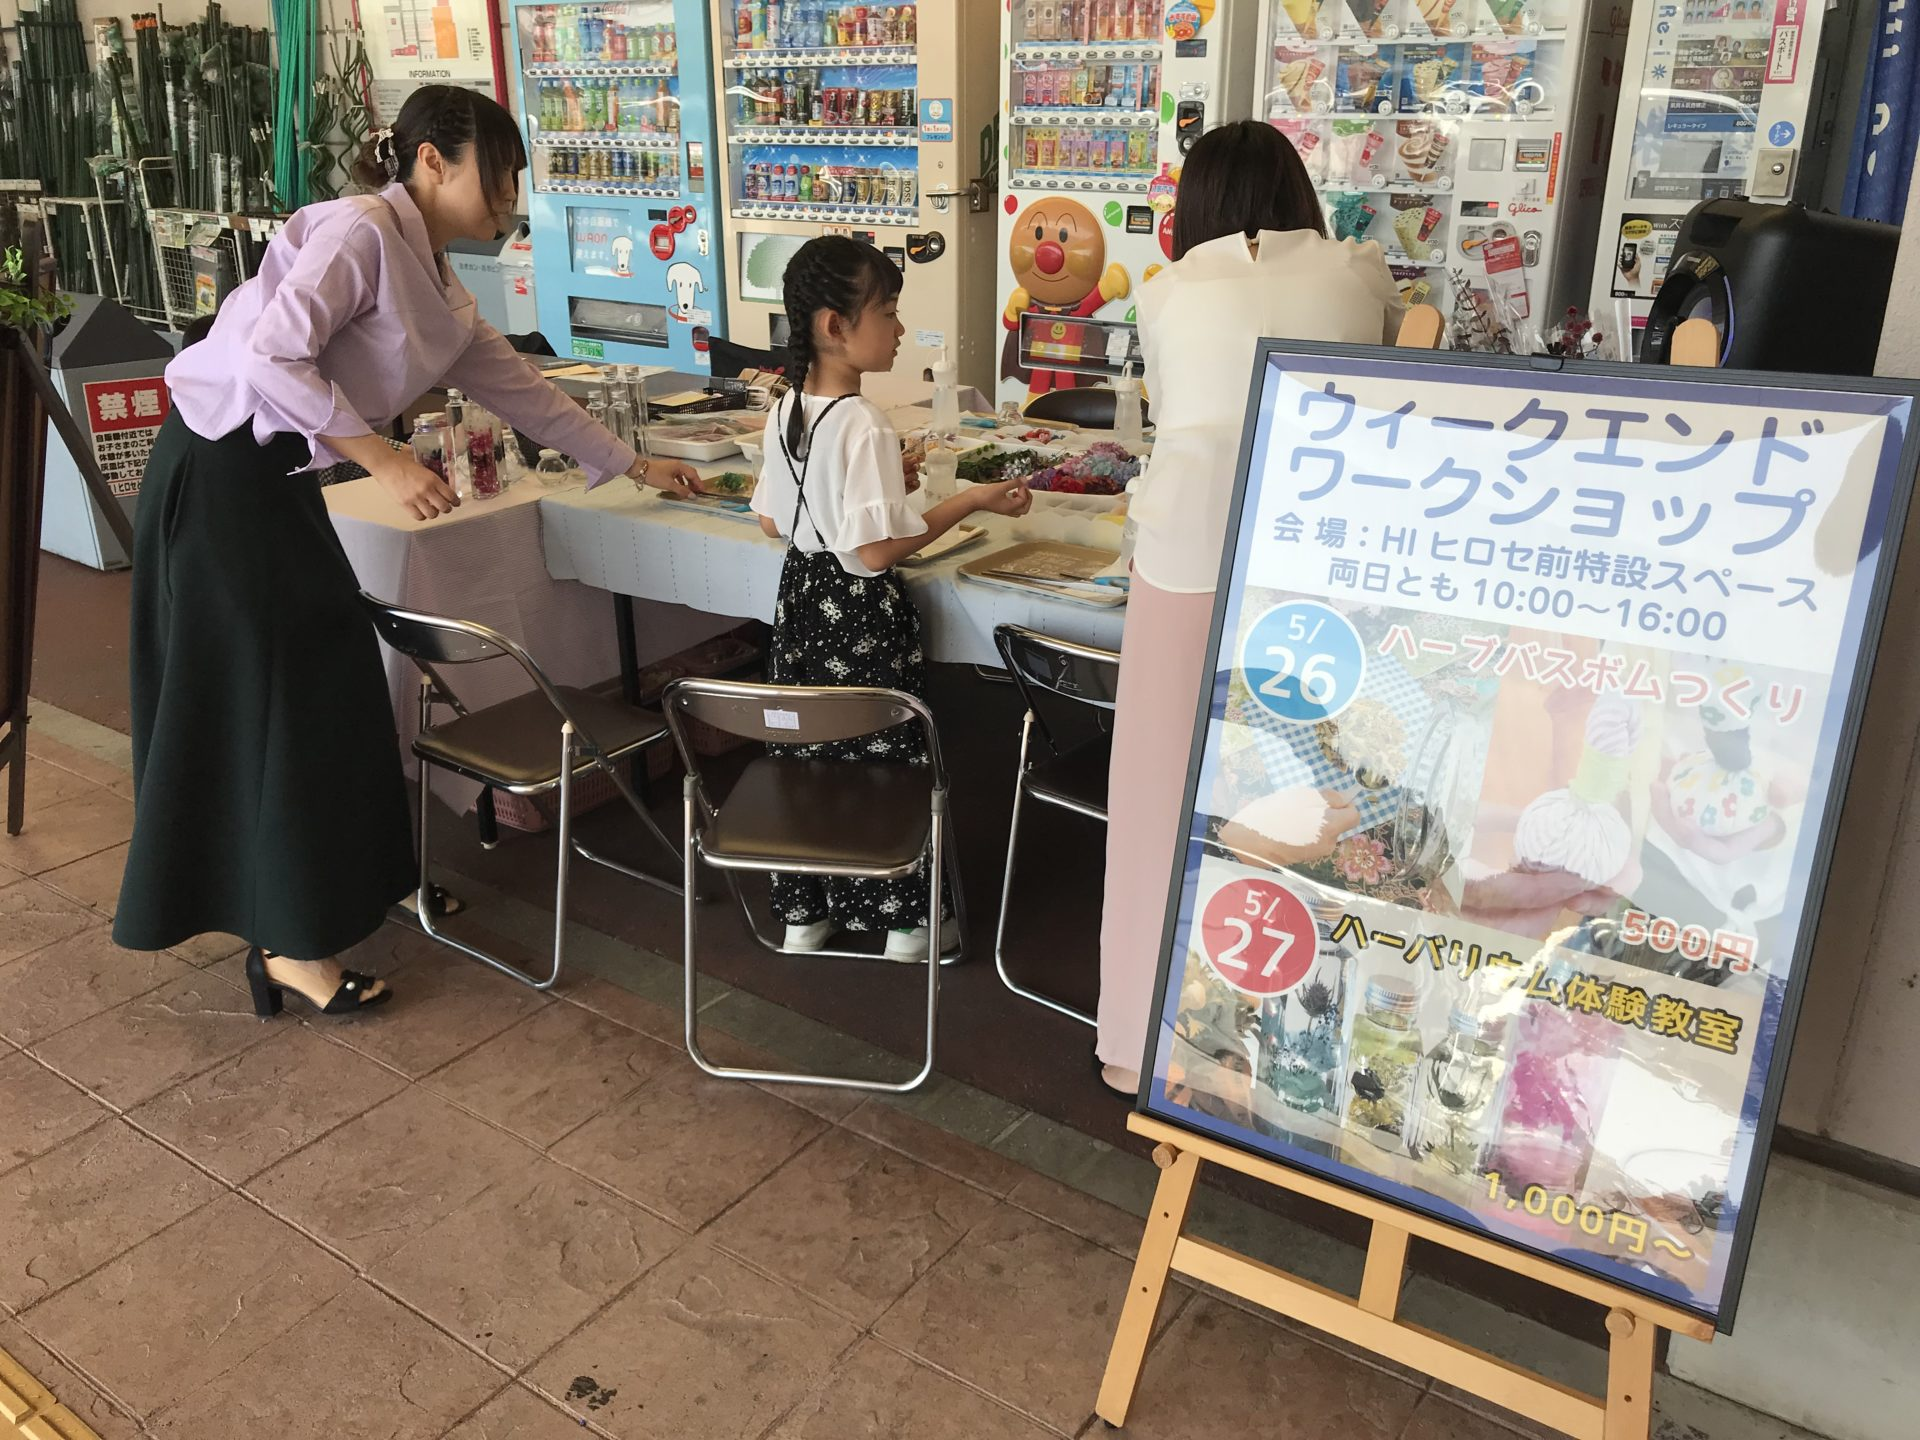 イオン日向店様 5月度第4ウィークエンドワークショップ